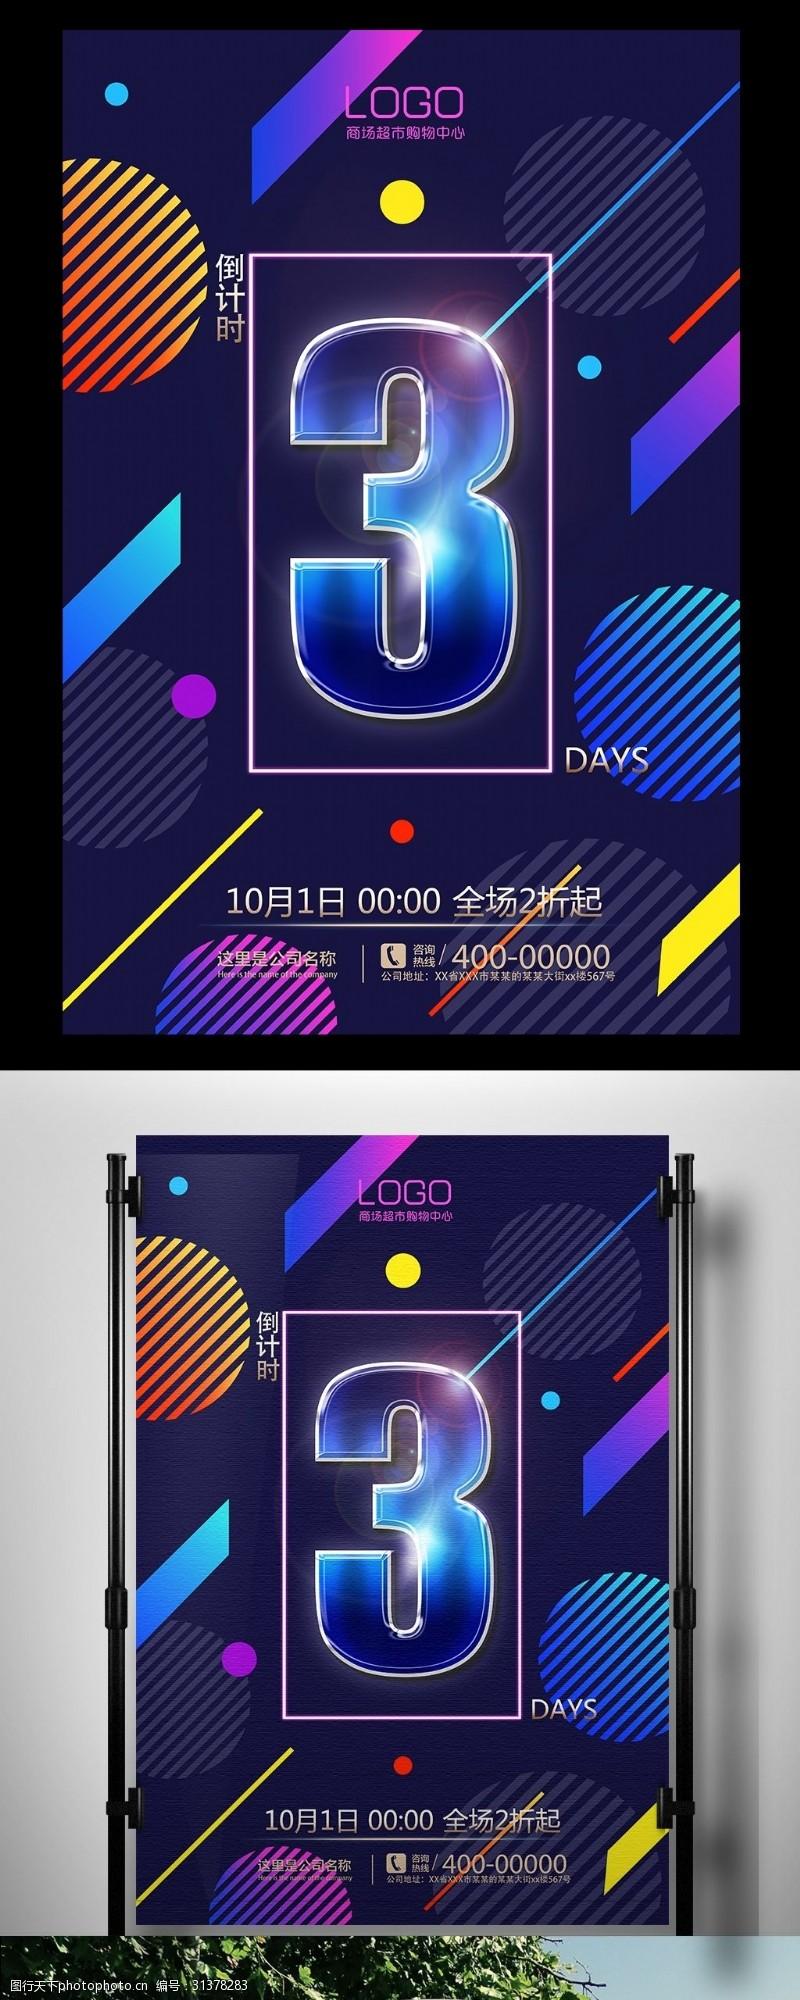 天数10.1中秋国庆炫彩时尚倒计时海报